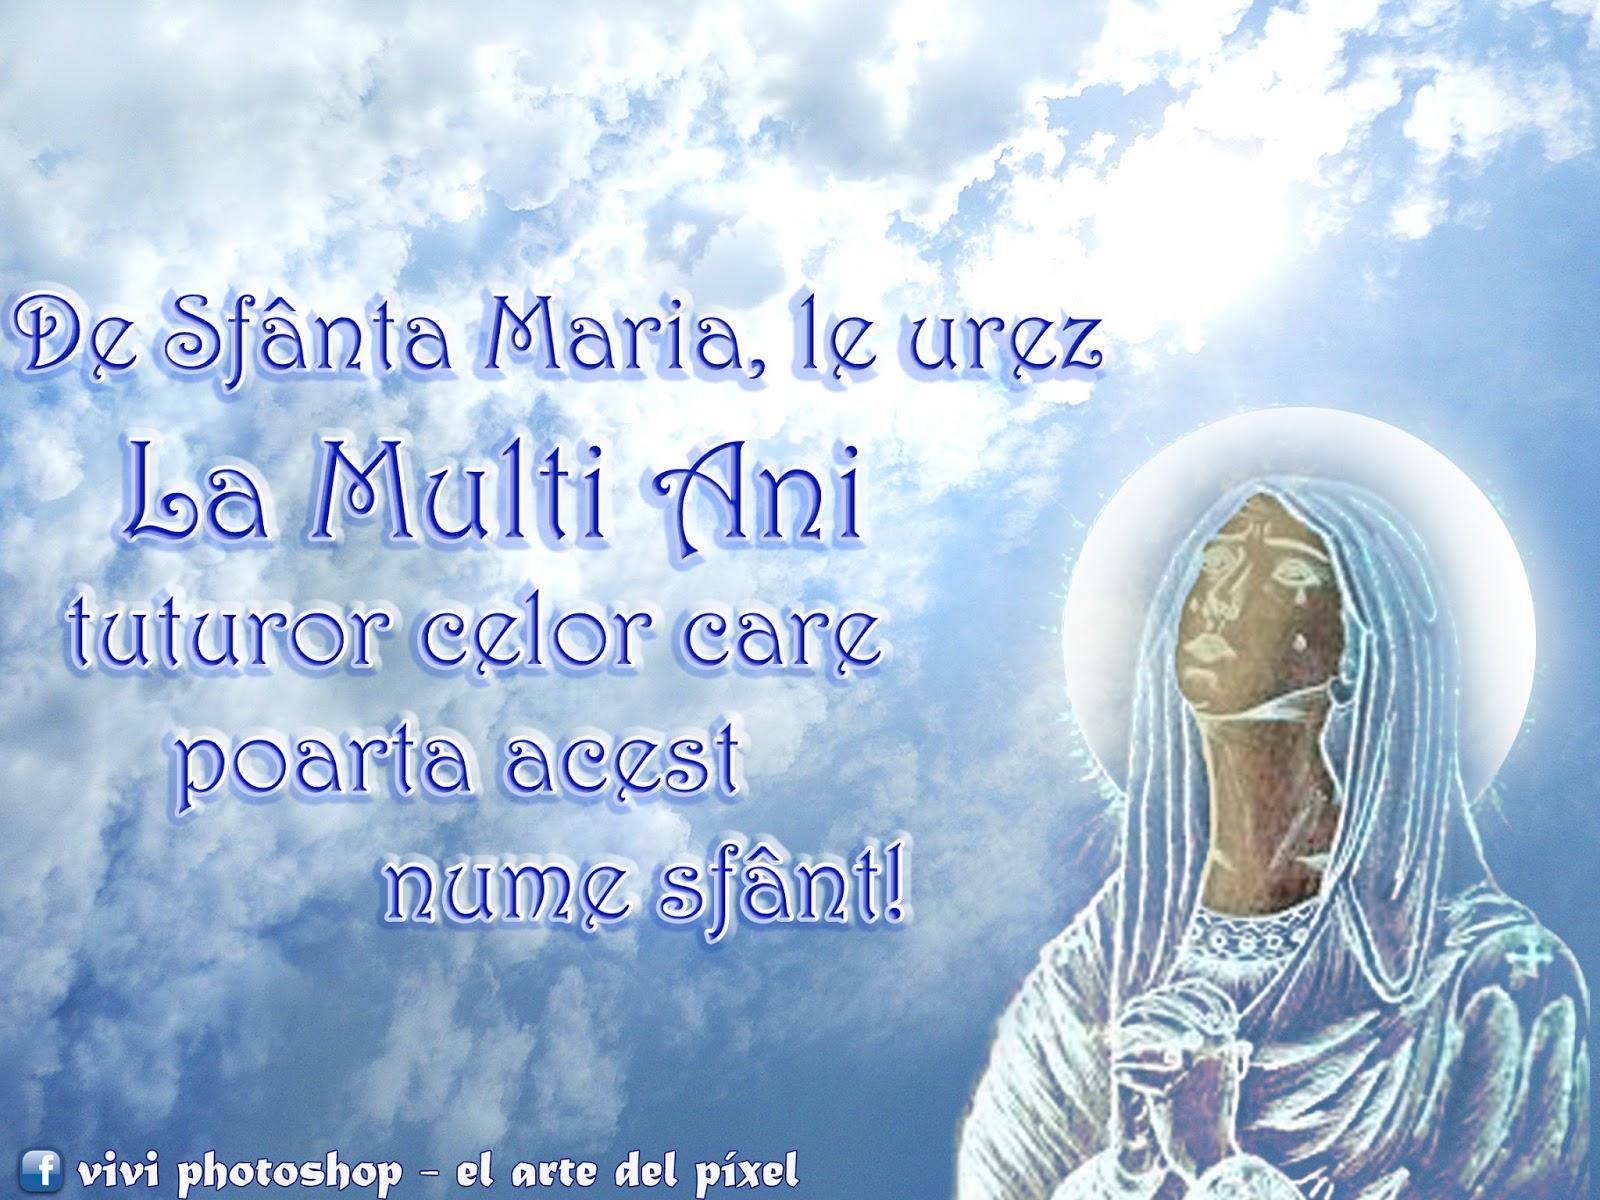 Mesaje de la Sfanta Maria - diane.ro   Sfanta Maria